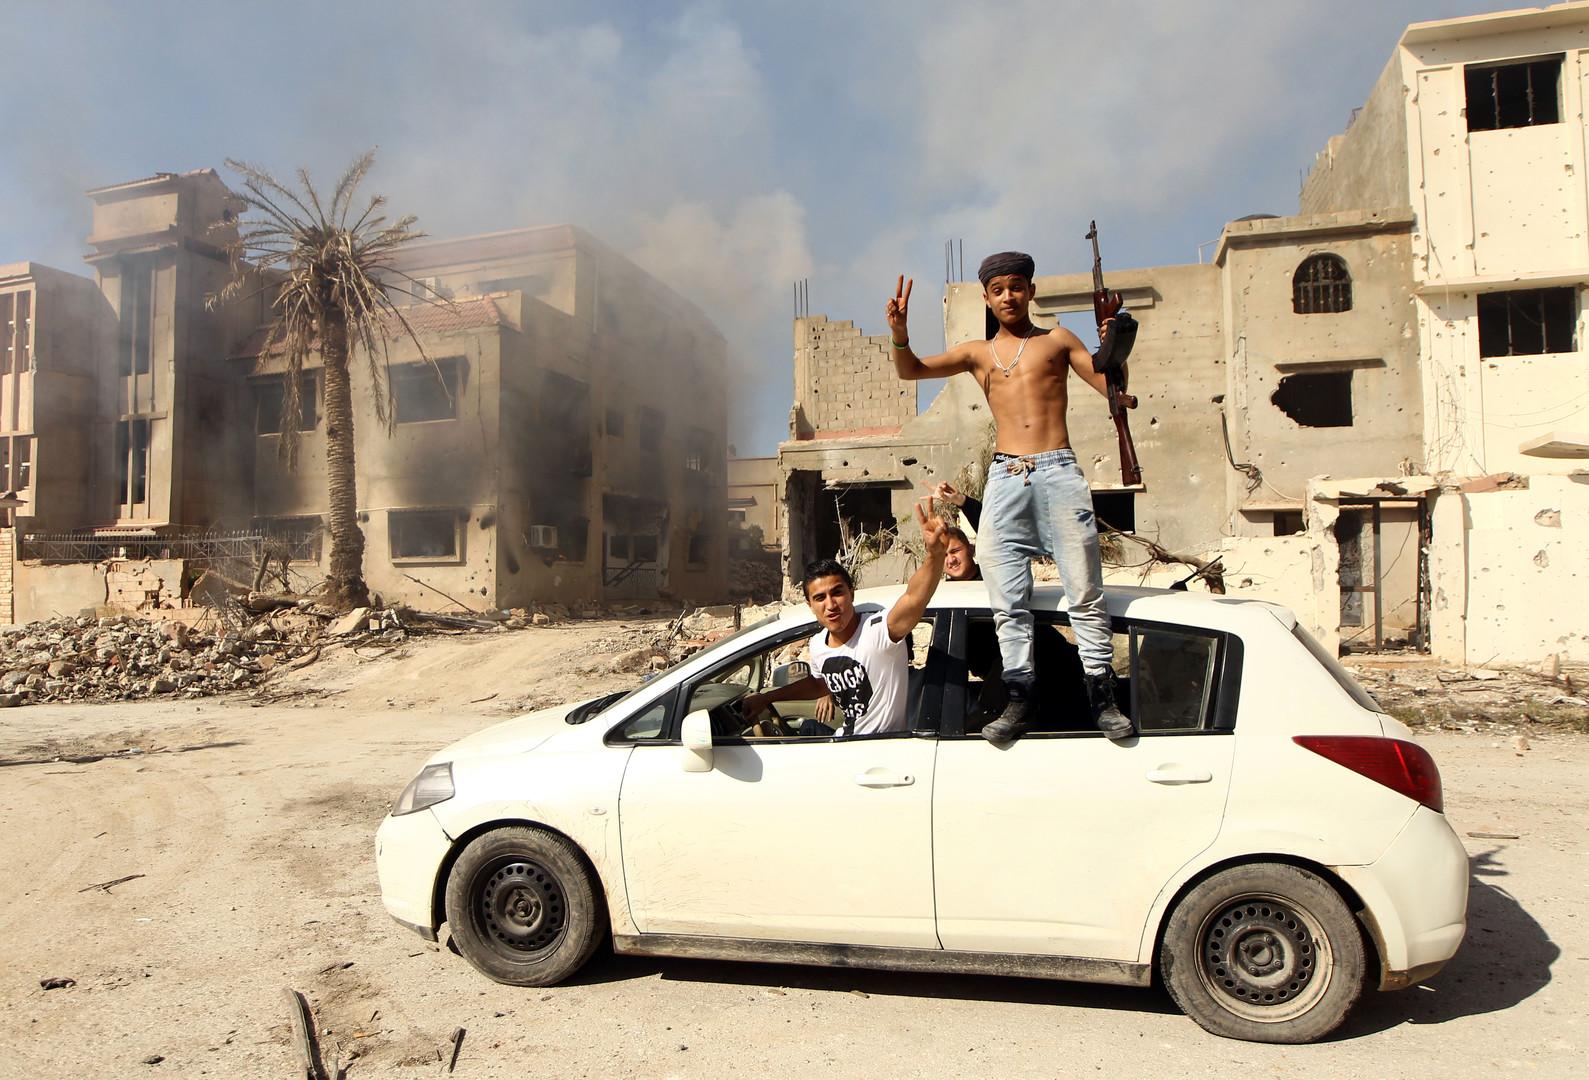 أشباح غامضة تظهر في بنغازي!